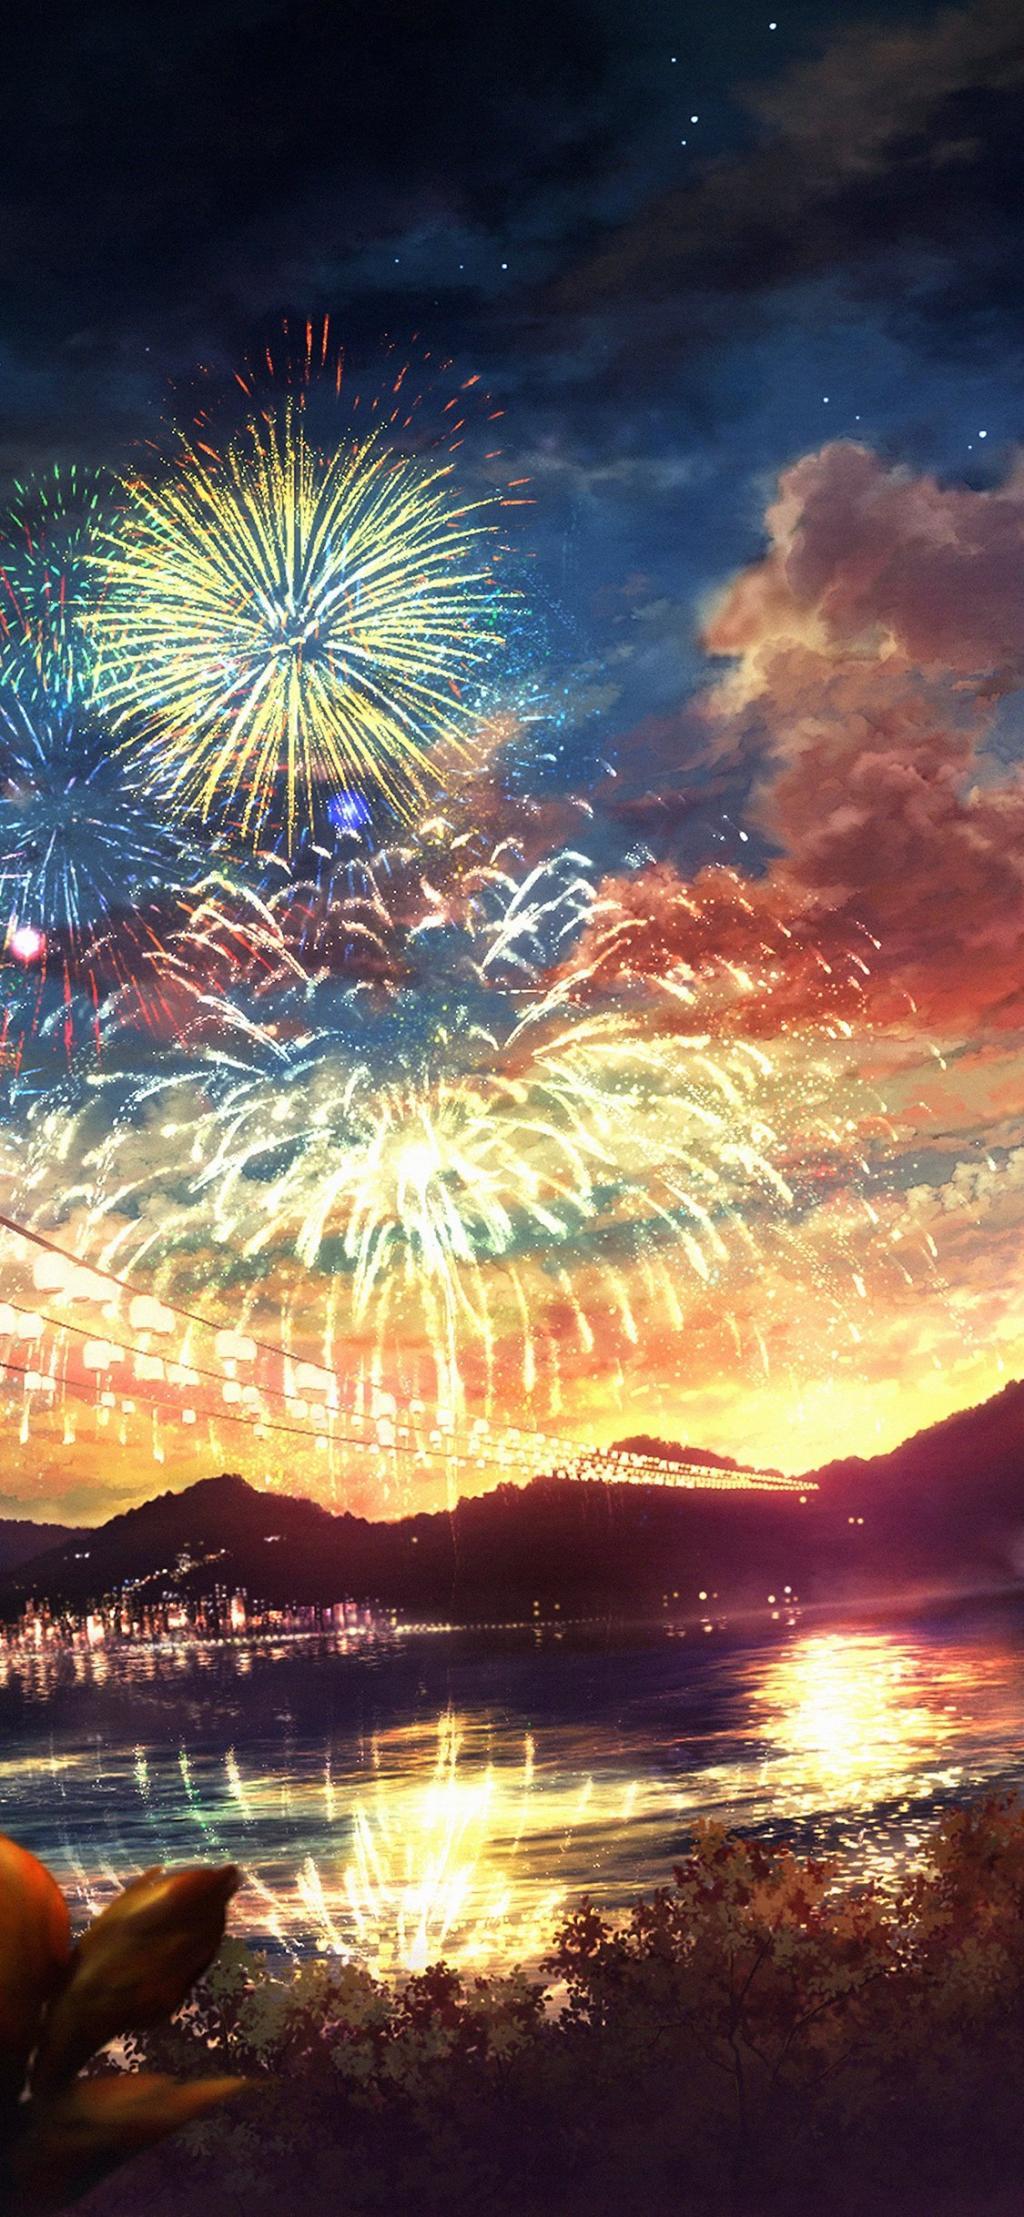 アノン夜ヒカル区ro Suが美しく芸術的なイラスト ロック画面の画像 携帯電話の壁紙を花火 壁紙